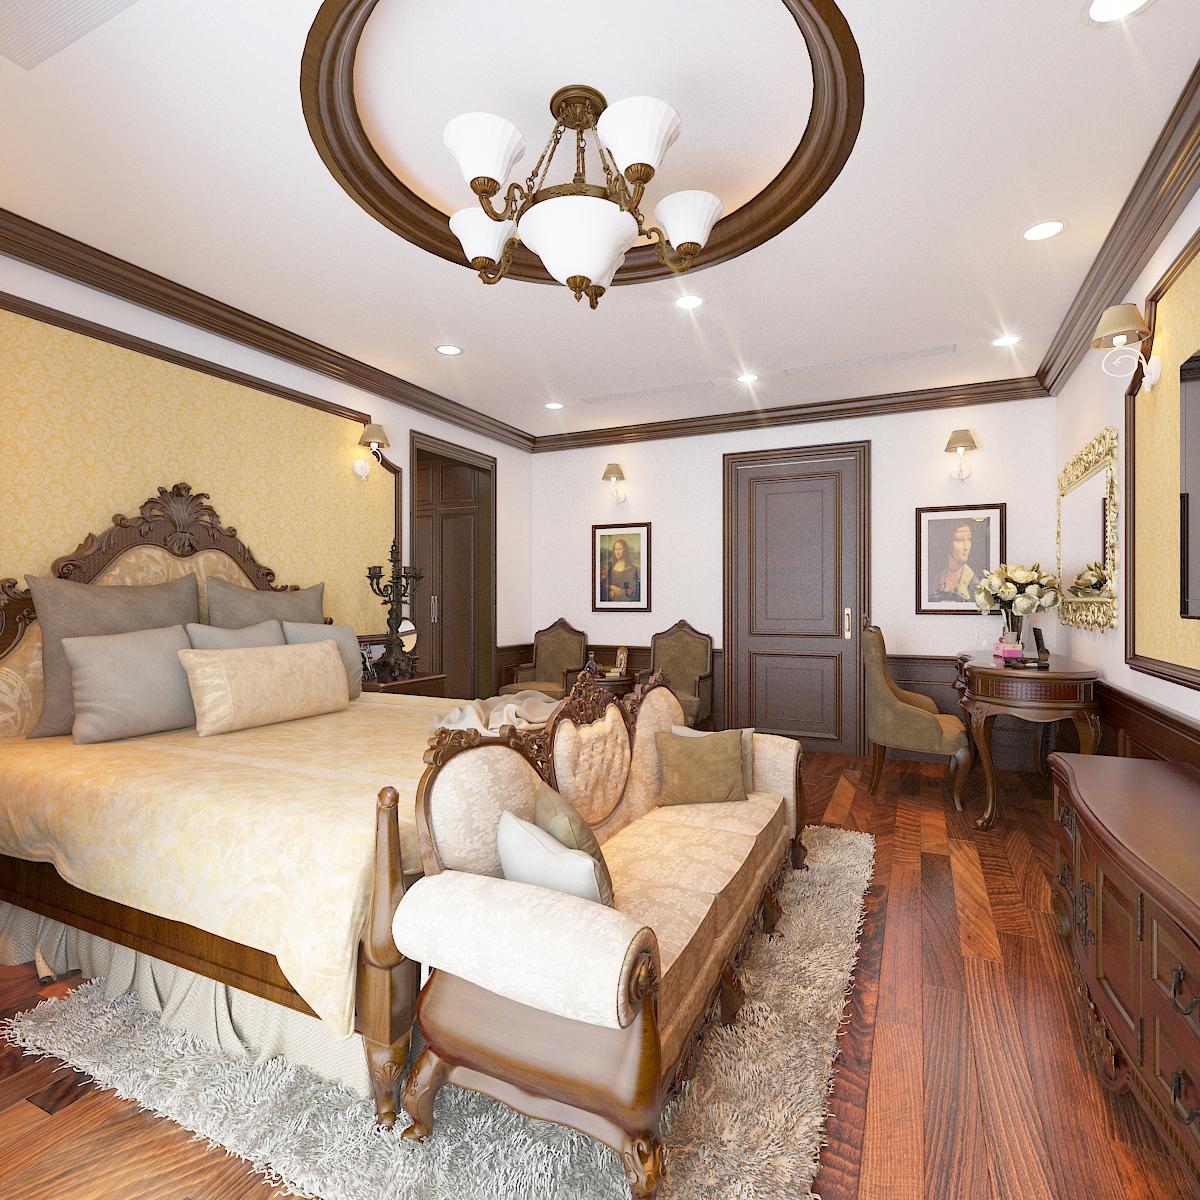 thiết kế nội thất Biệt Thự tại Hà Nội bt Vinhomes - riverside 34 1568276274